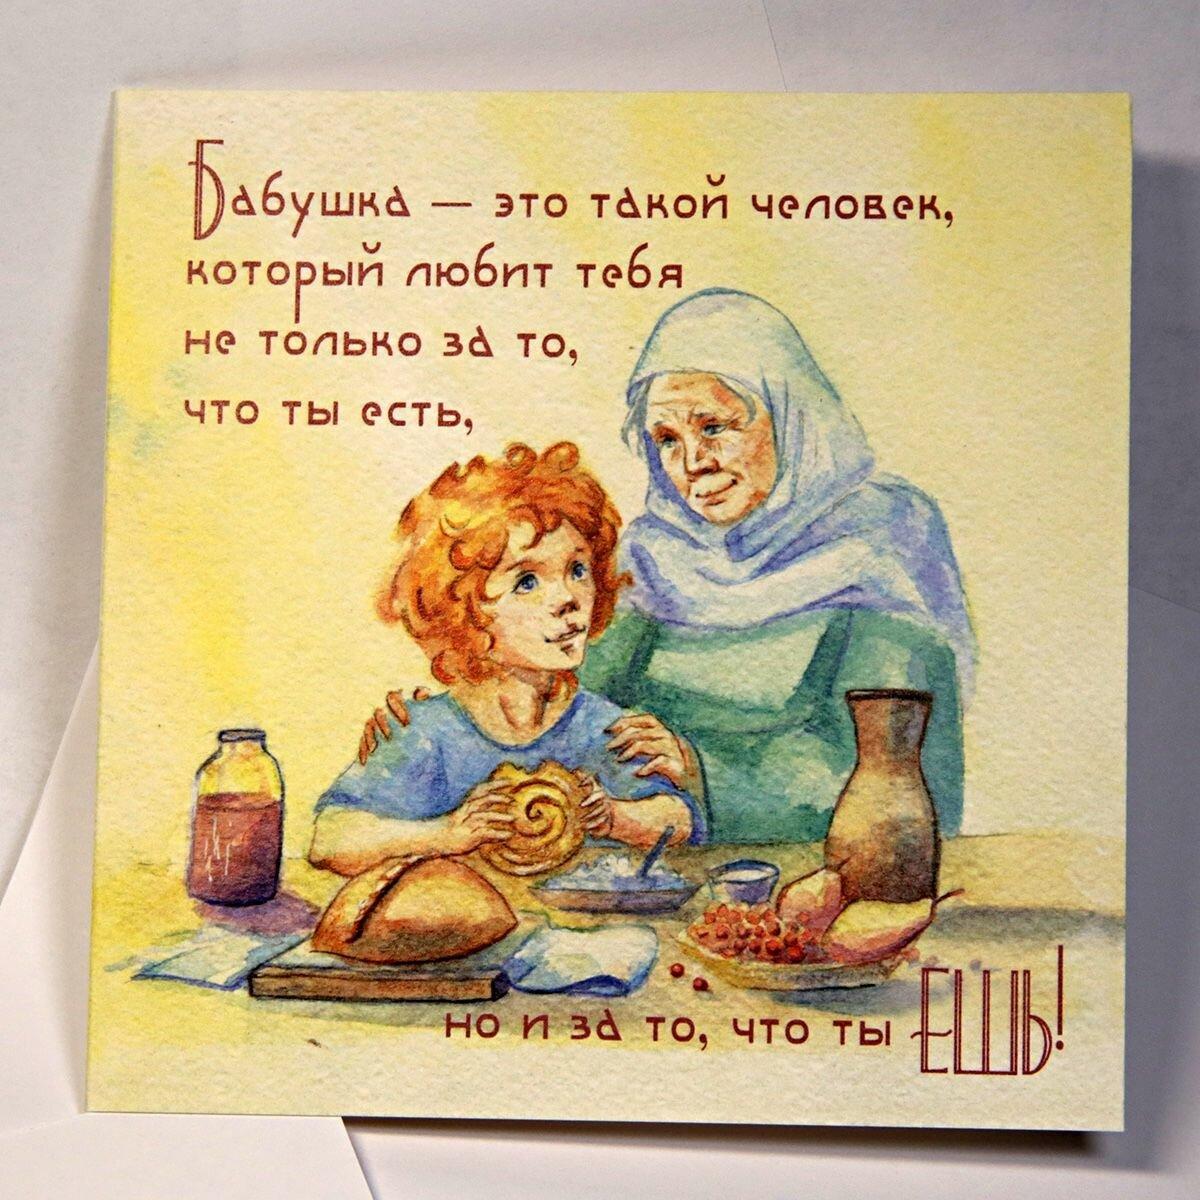 Как подписать открытку бабушке от семьи